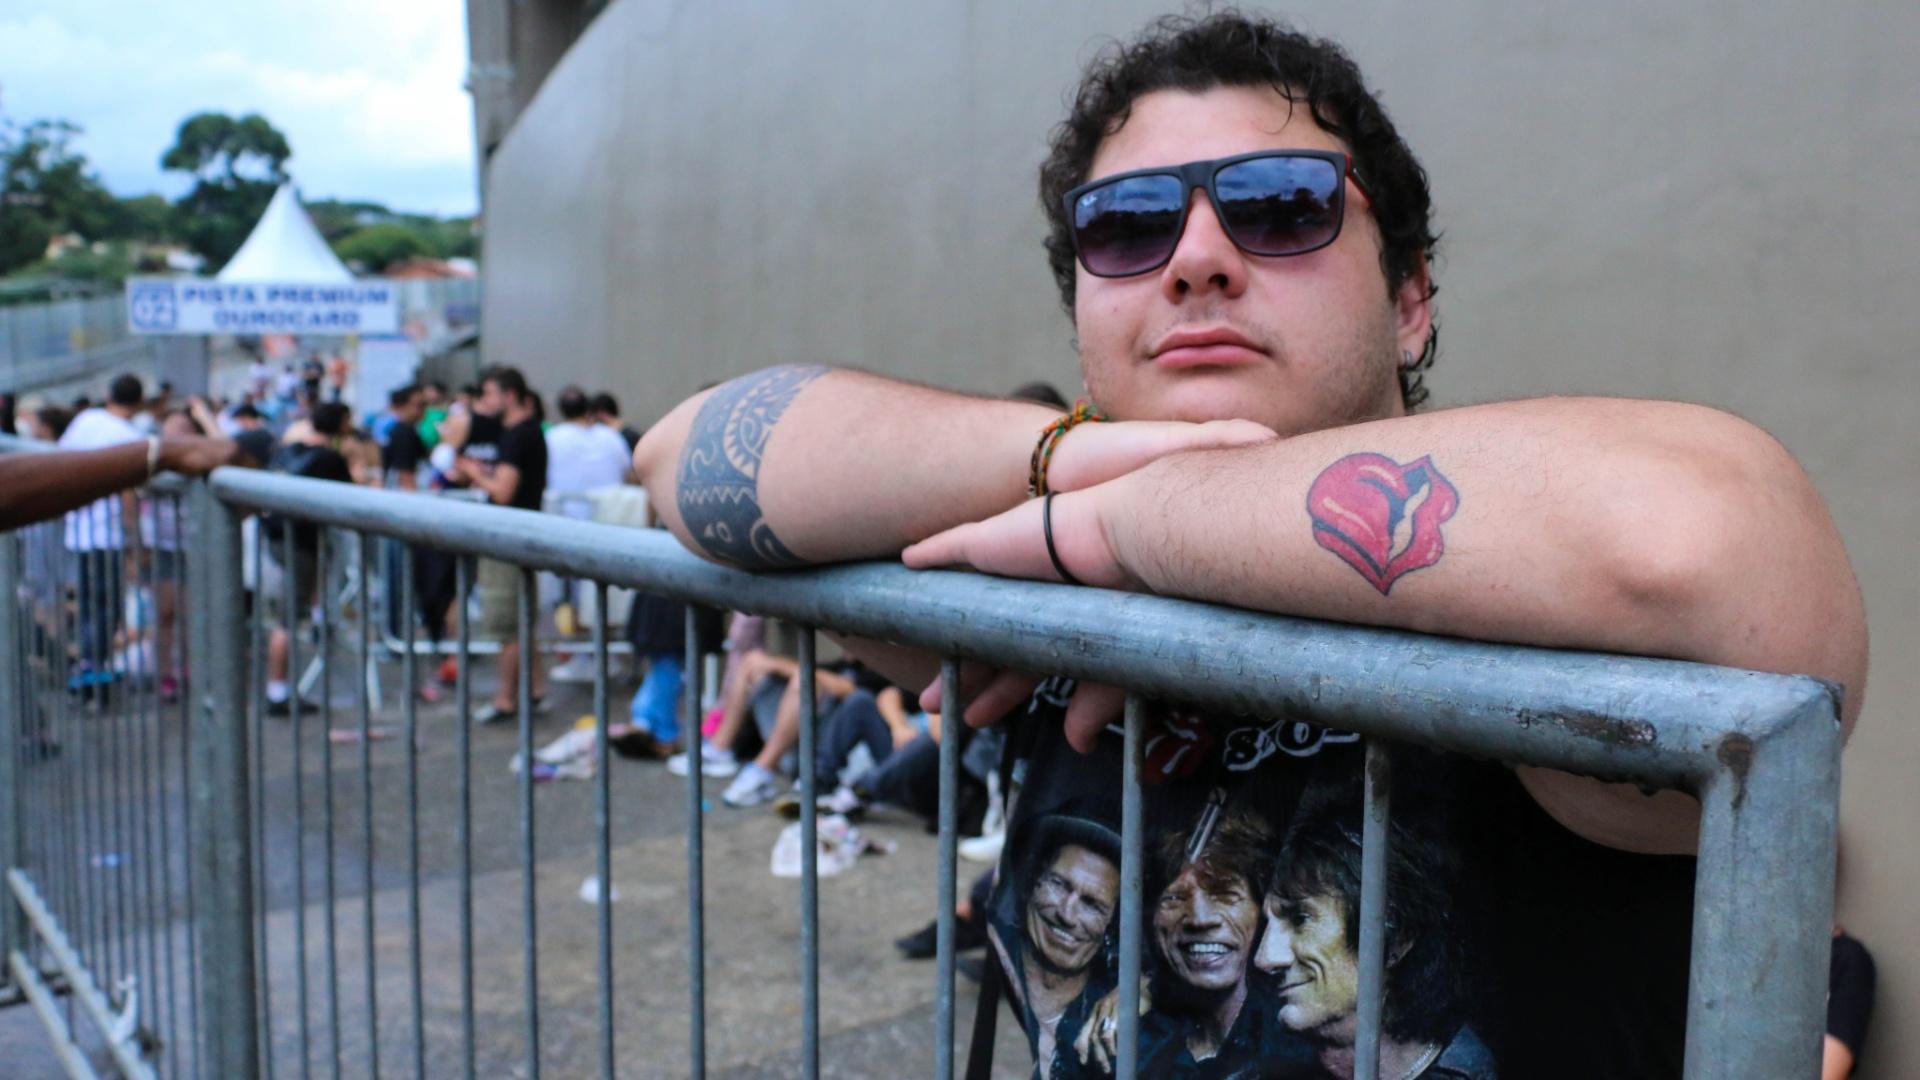 24.fev.2016 - Fã exibe tatuagem do símbolo dos Stones enquanto aguarda em frente ao estádio do Morumbi para assistir ao show da banda em São Paulo.